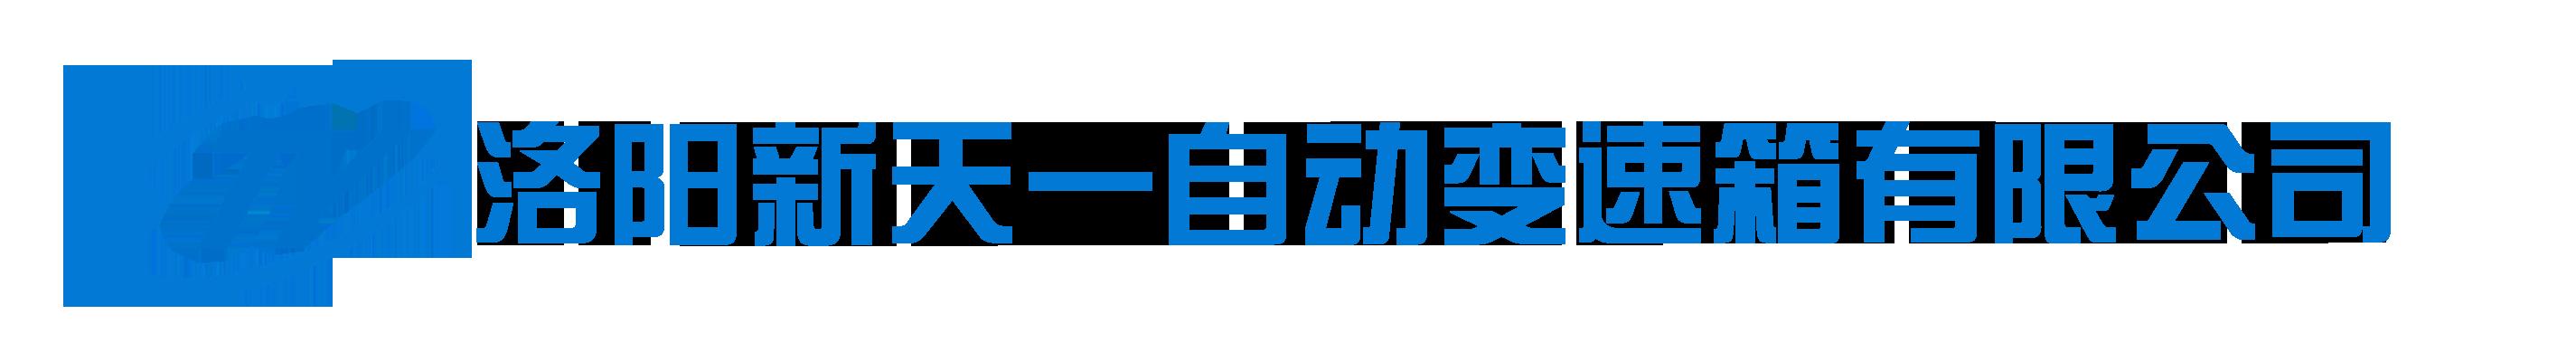 洛阳新天一汽车配件有限公司